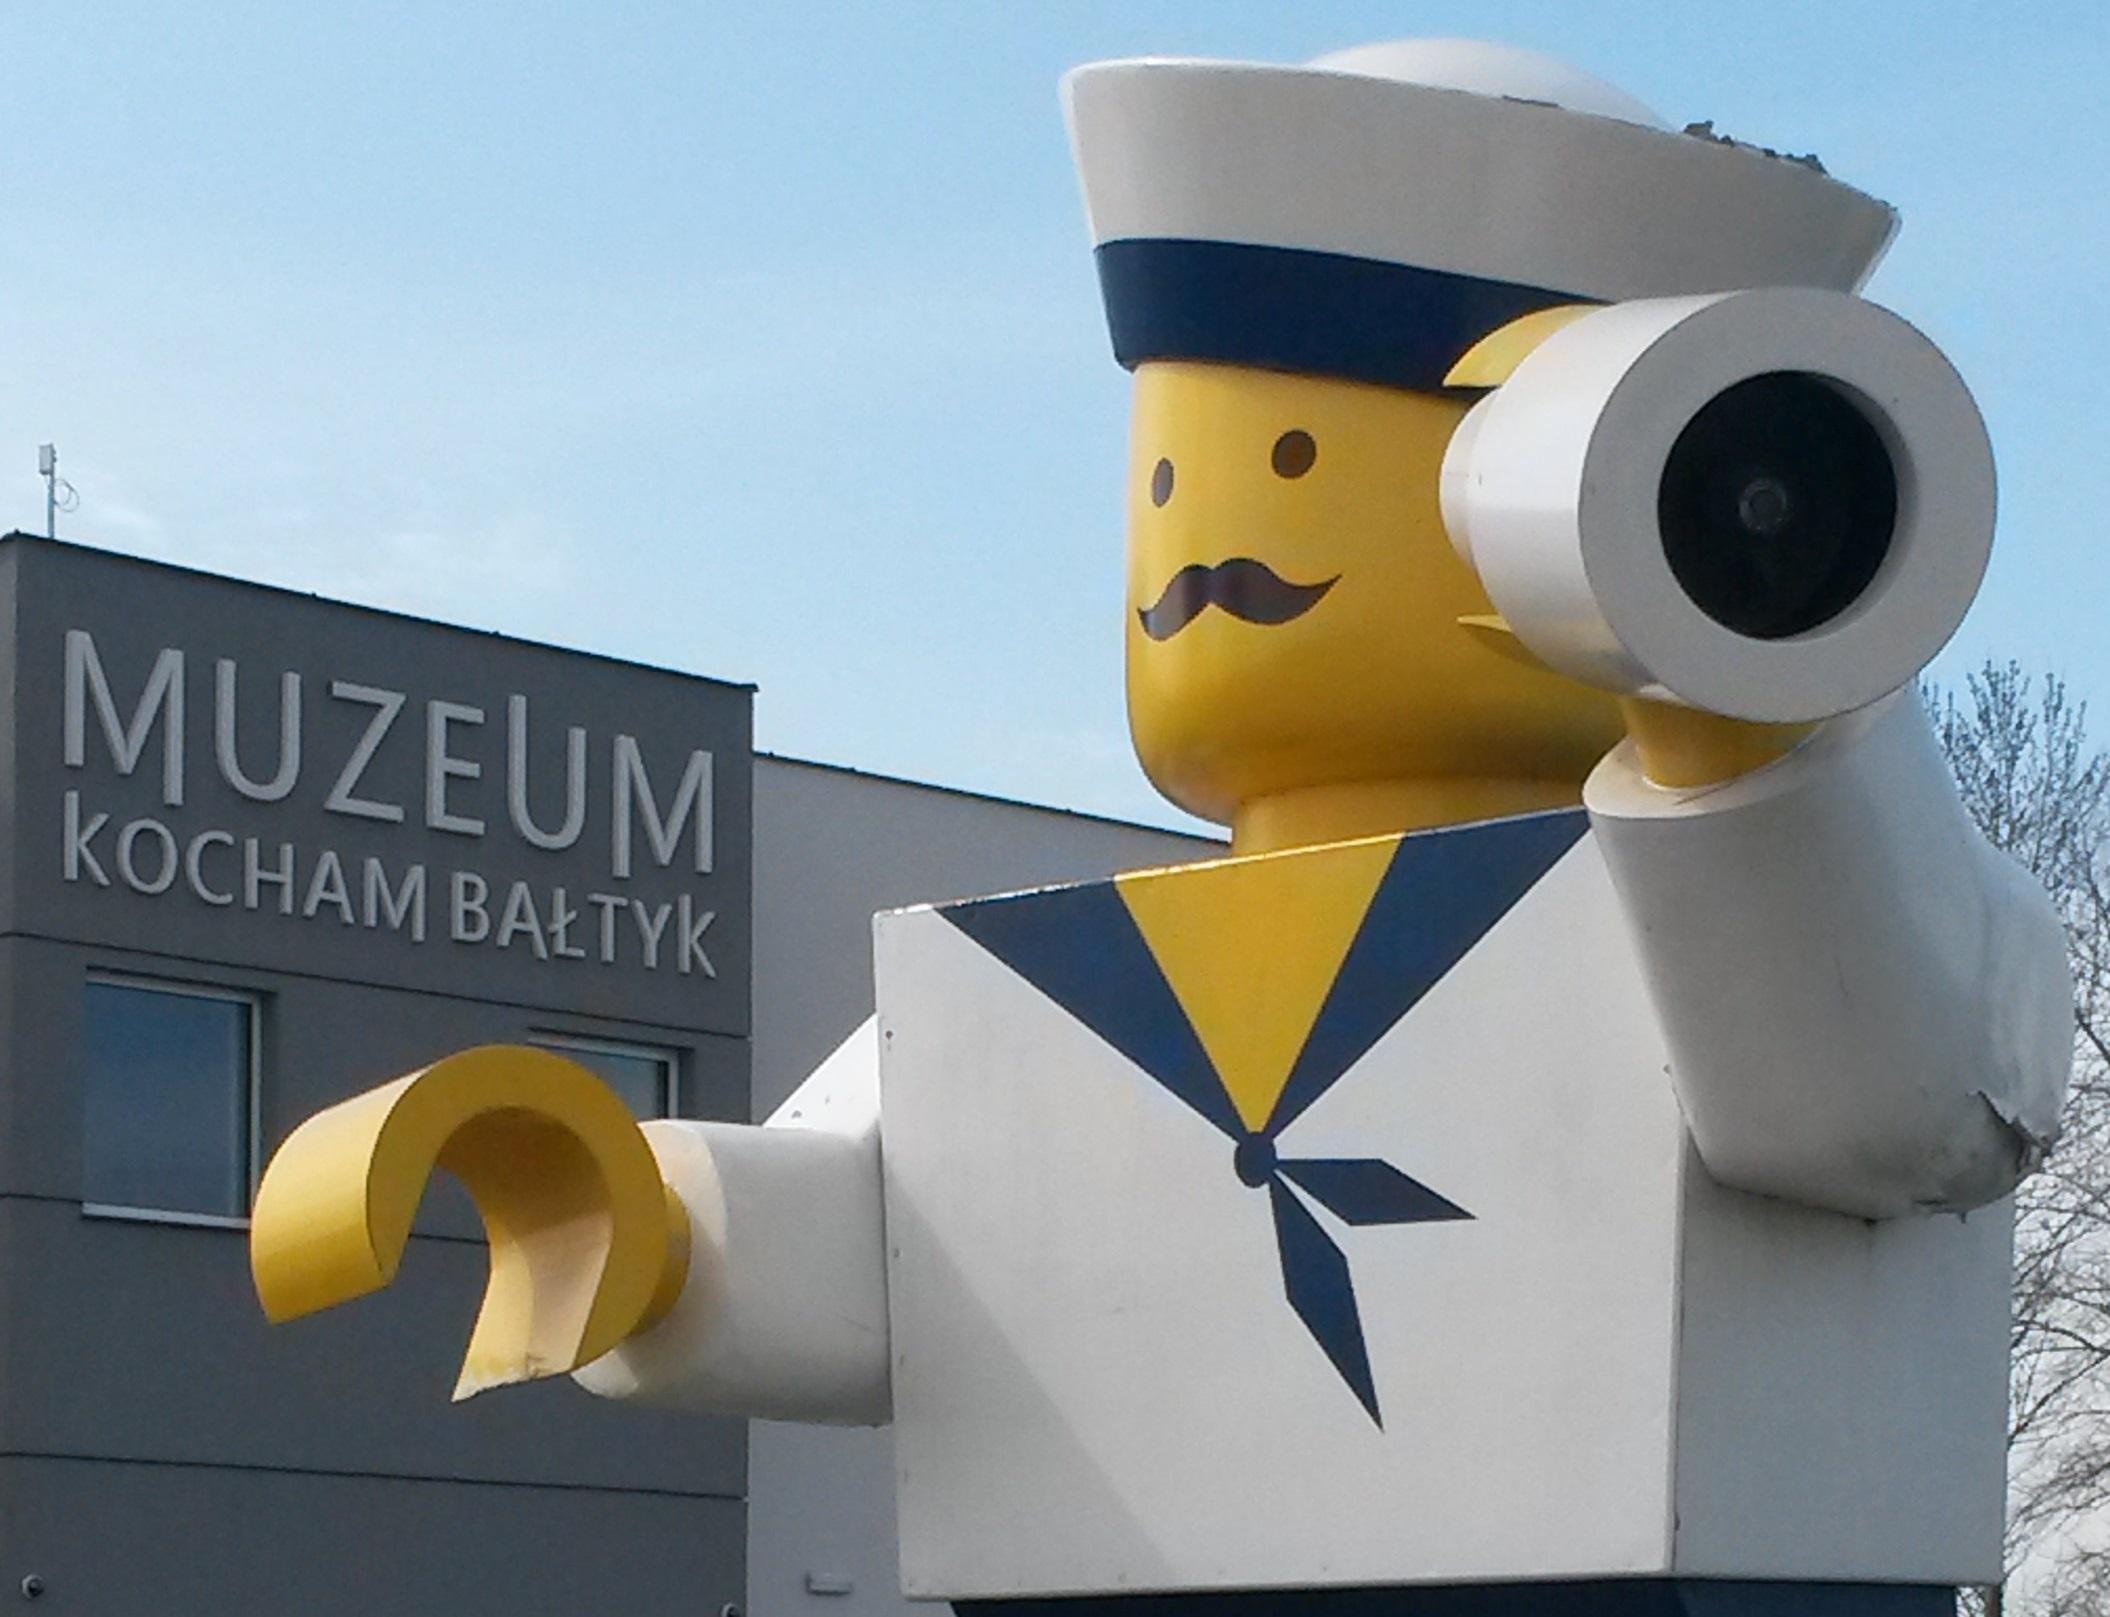 muzeum kocham bałtyk swarzewo wystawa lego